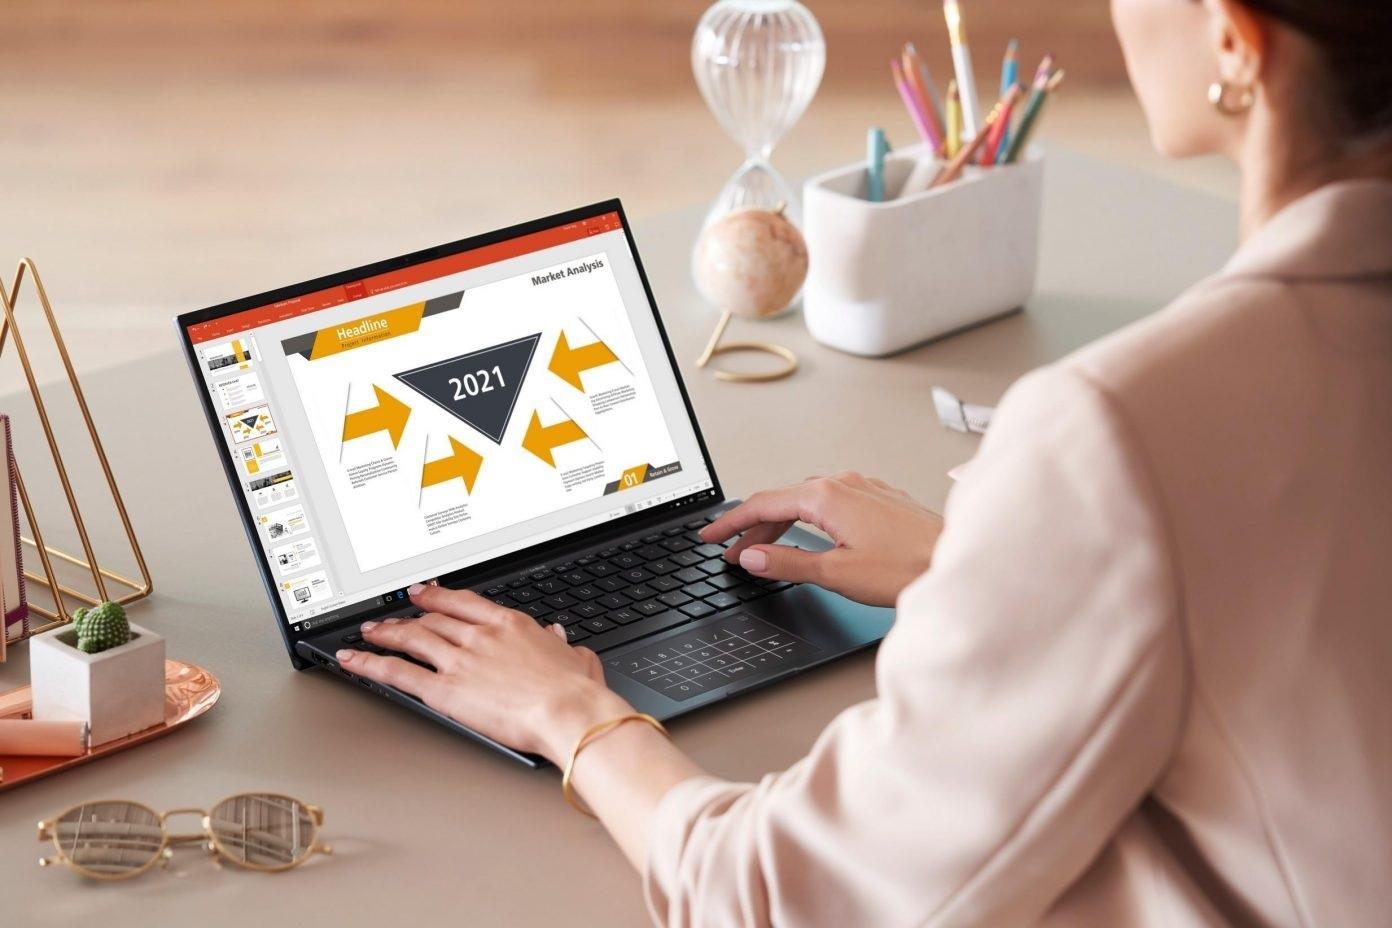 Laptop Asus Zenbook có thiết kế ấn tượng